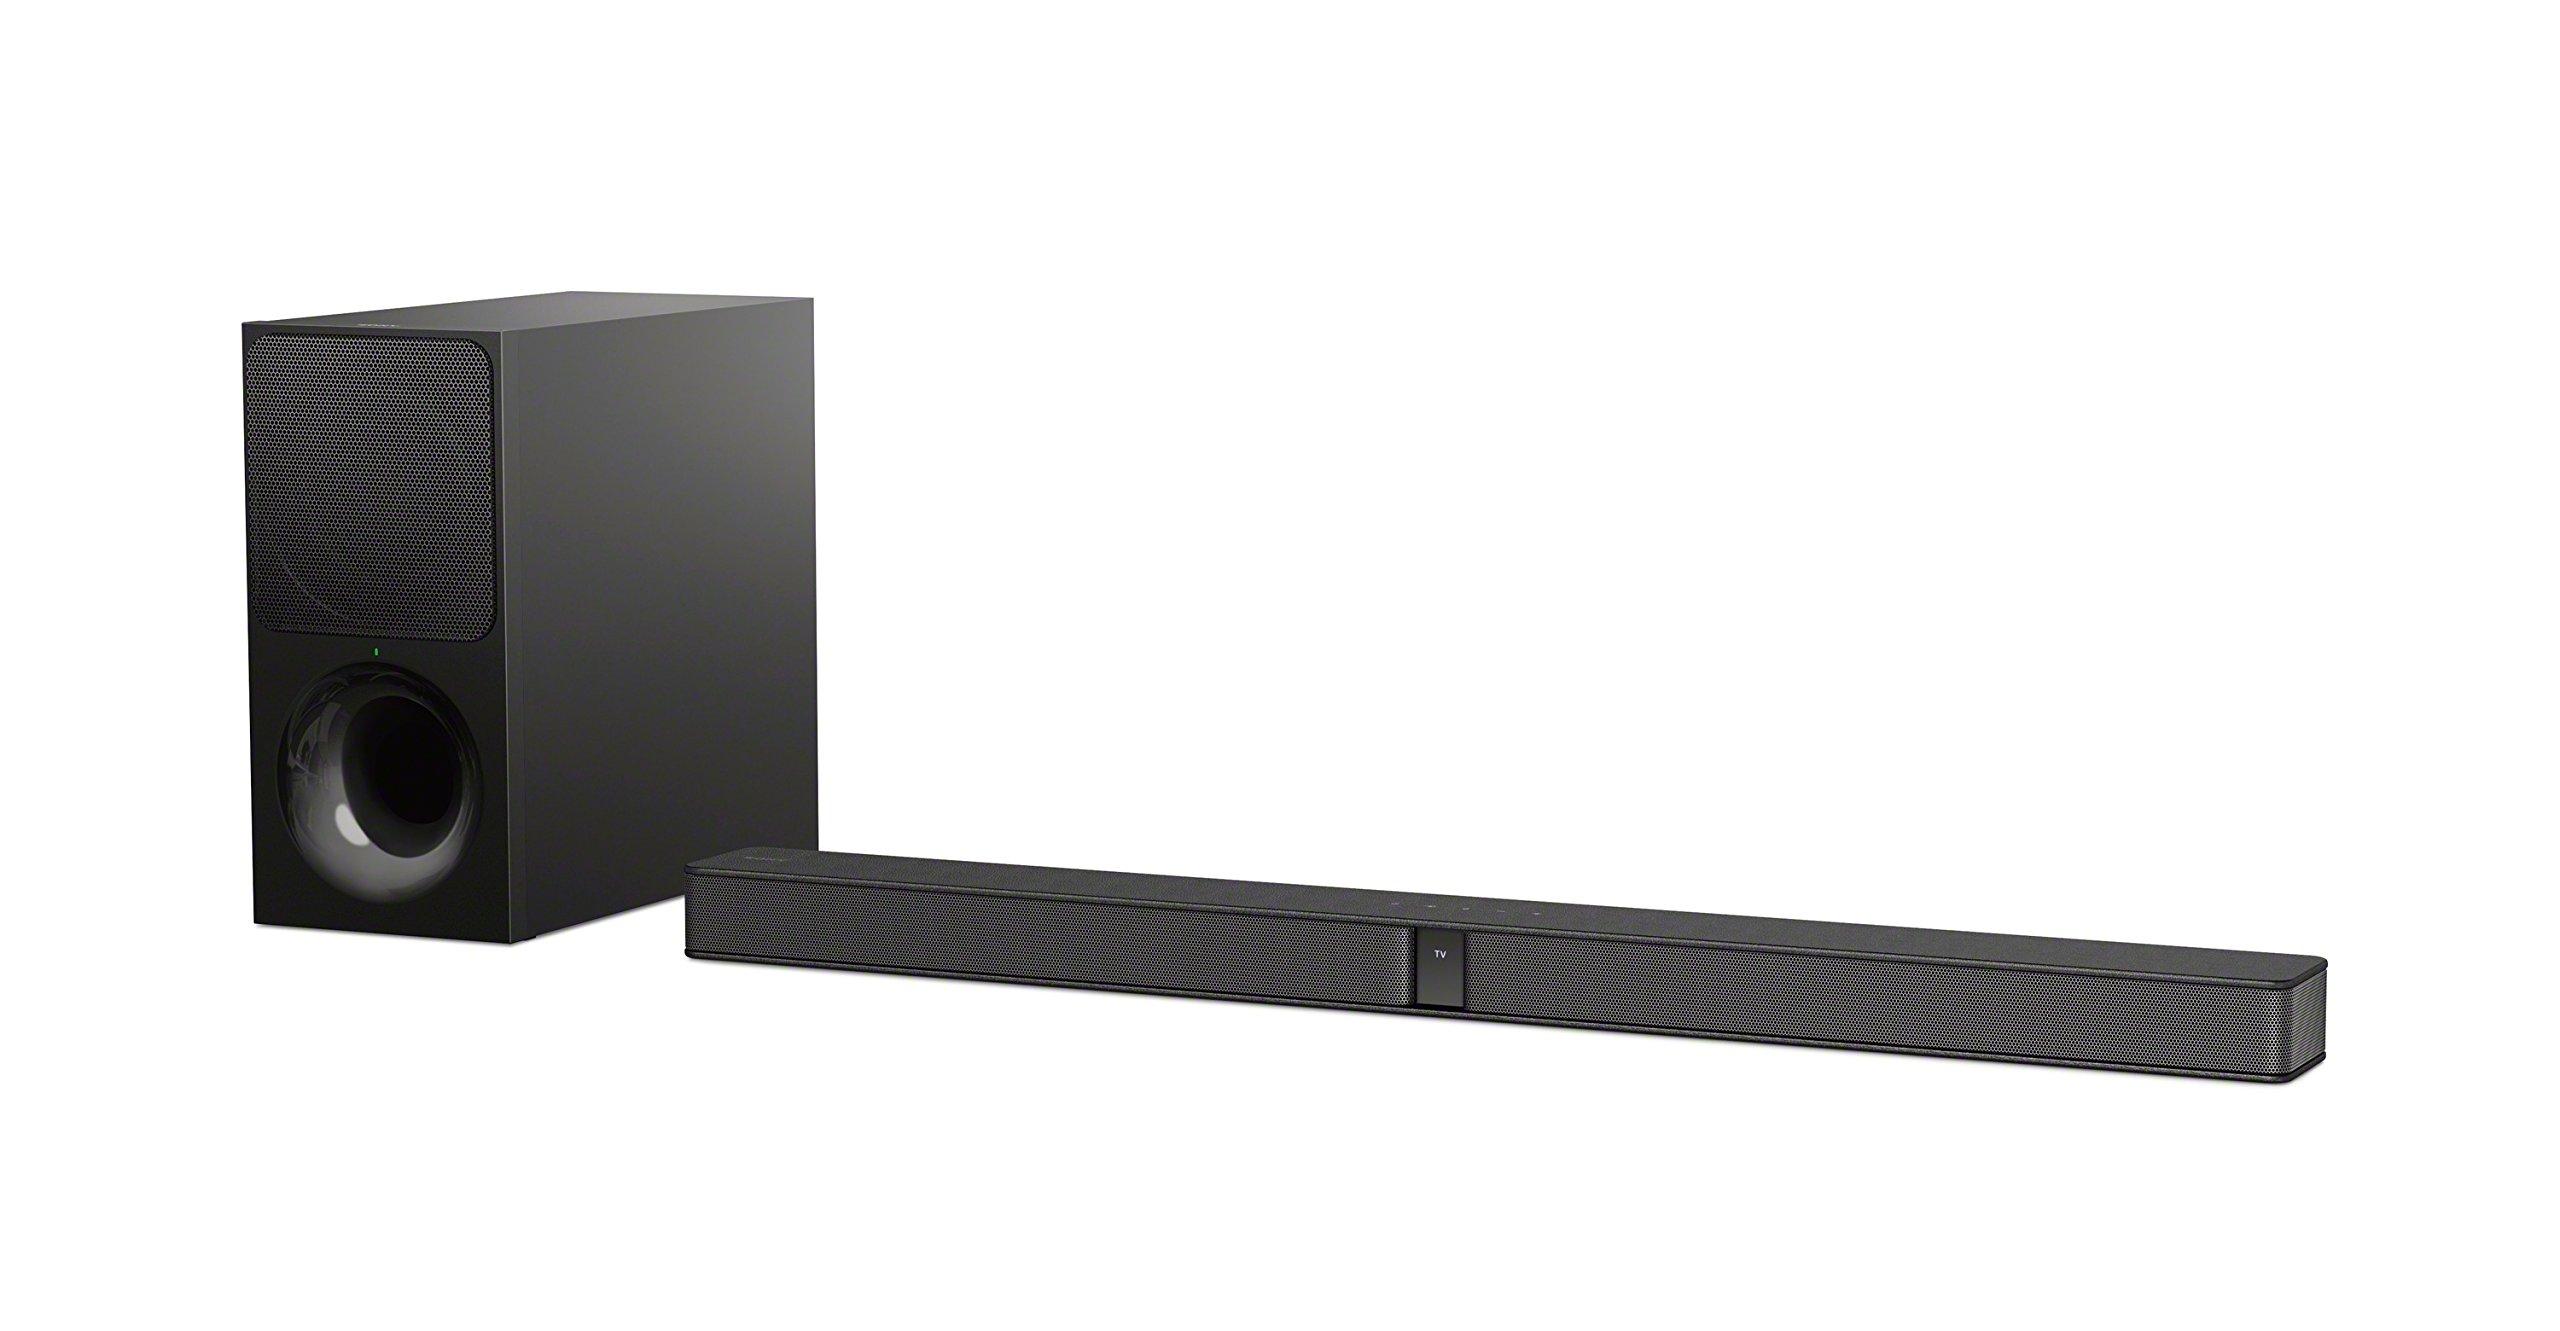 Sony HTCT290.CEK 300 W Soundbar with Bluetooth, HDMI and Wireless Subwoofer – Black